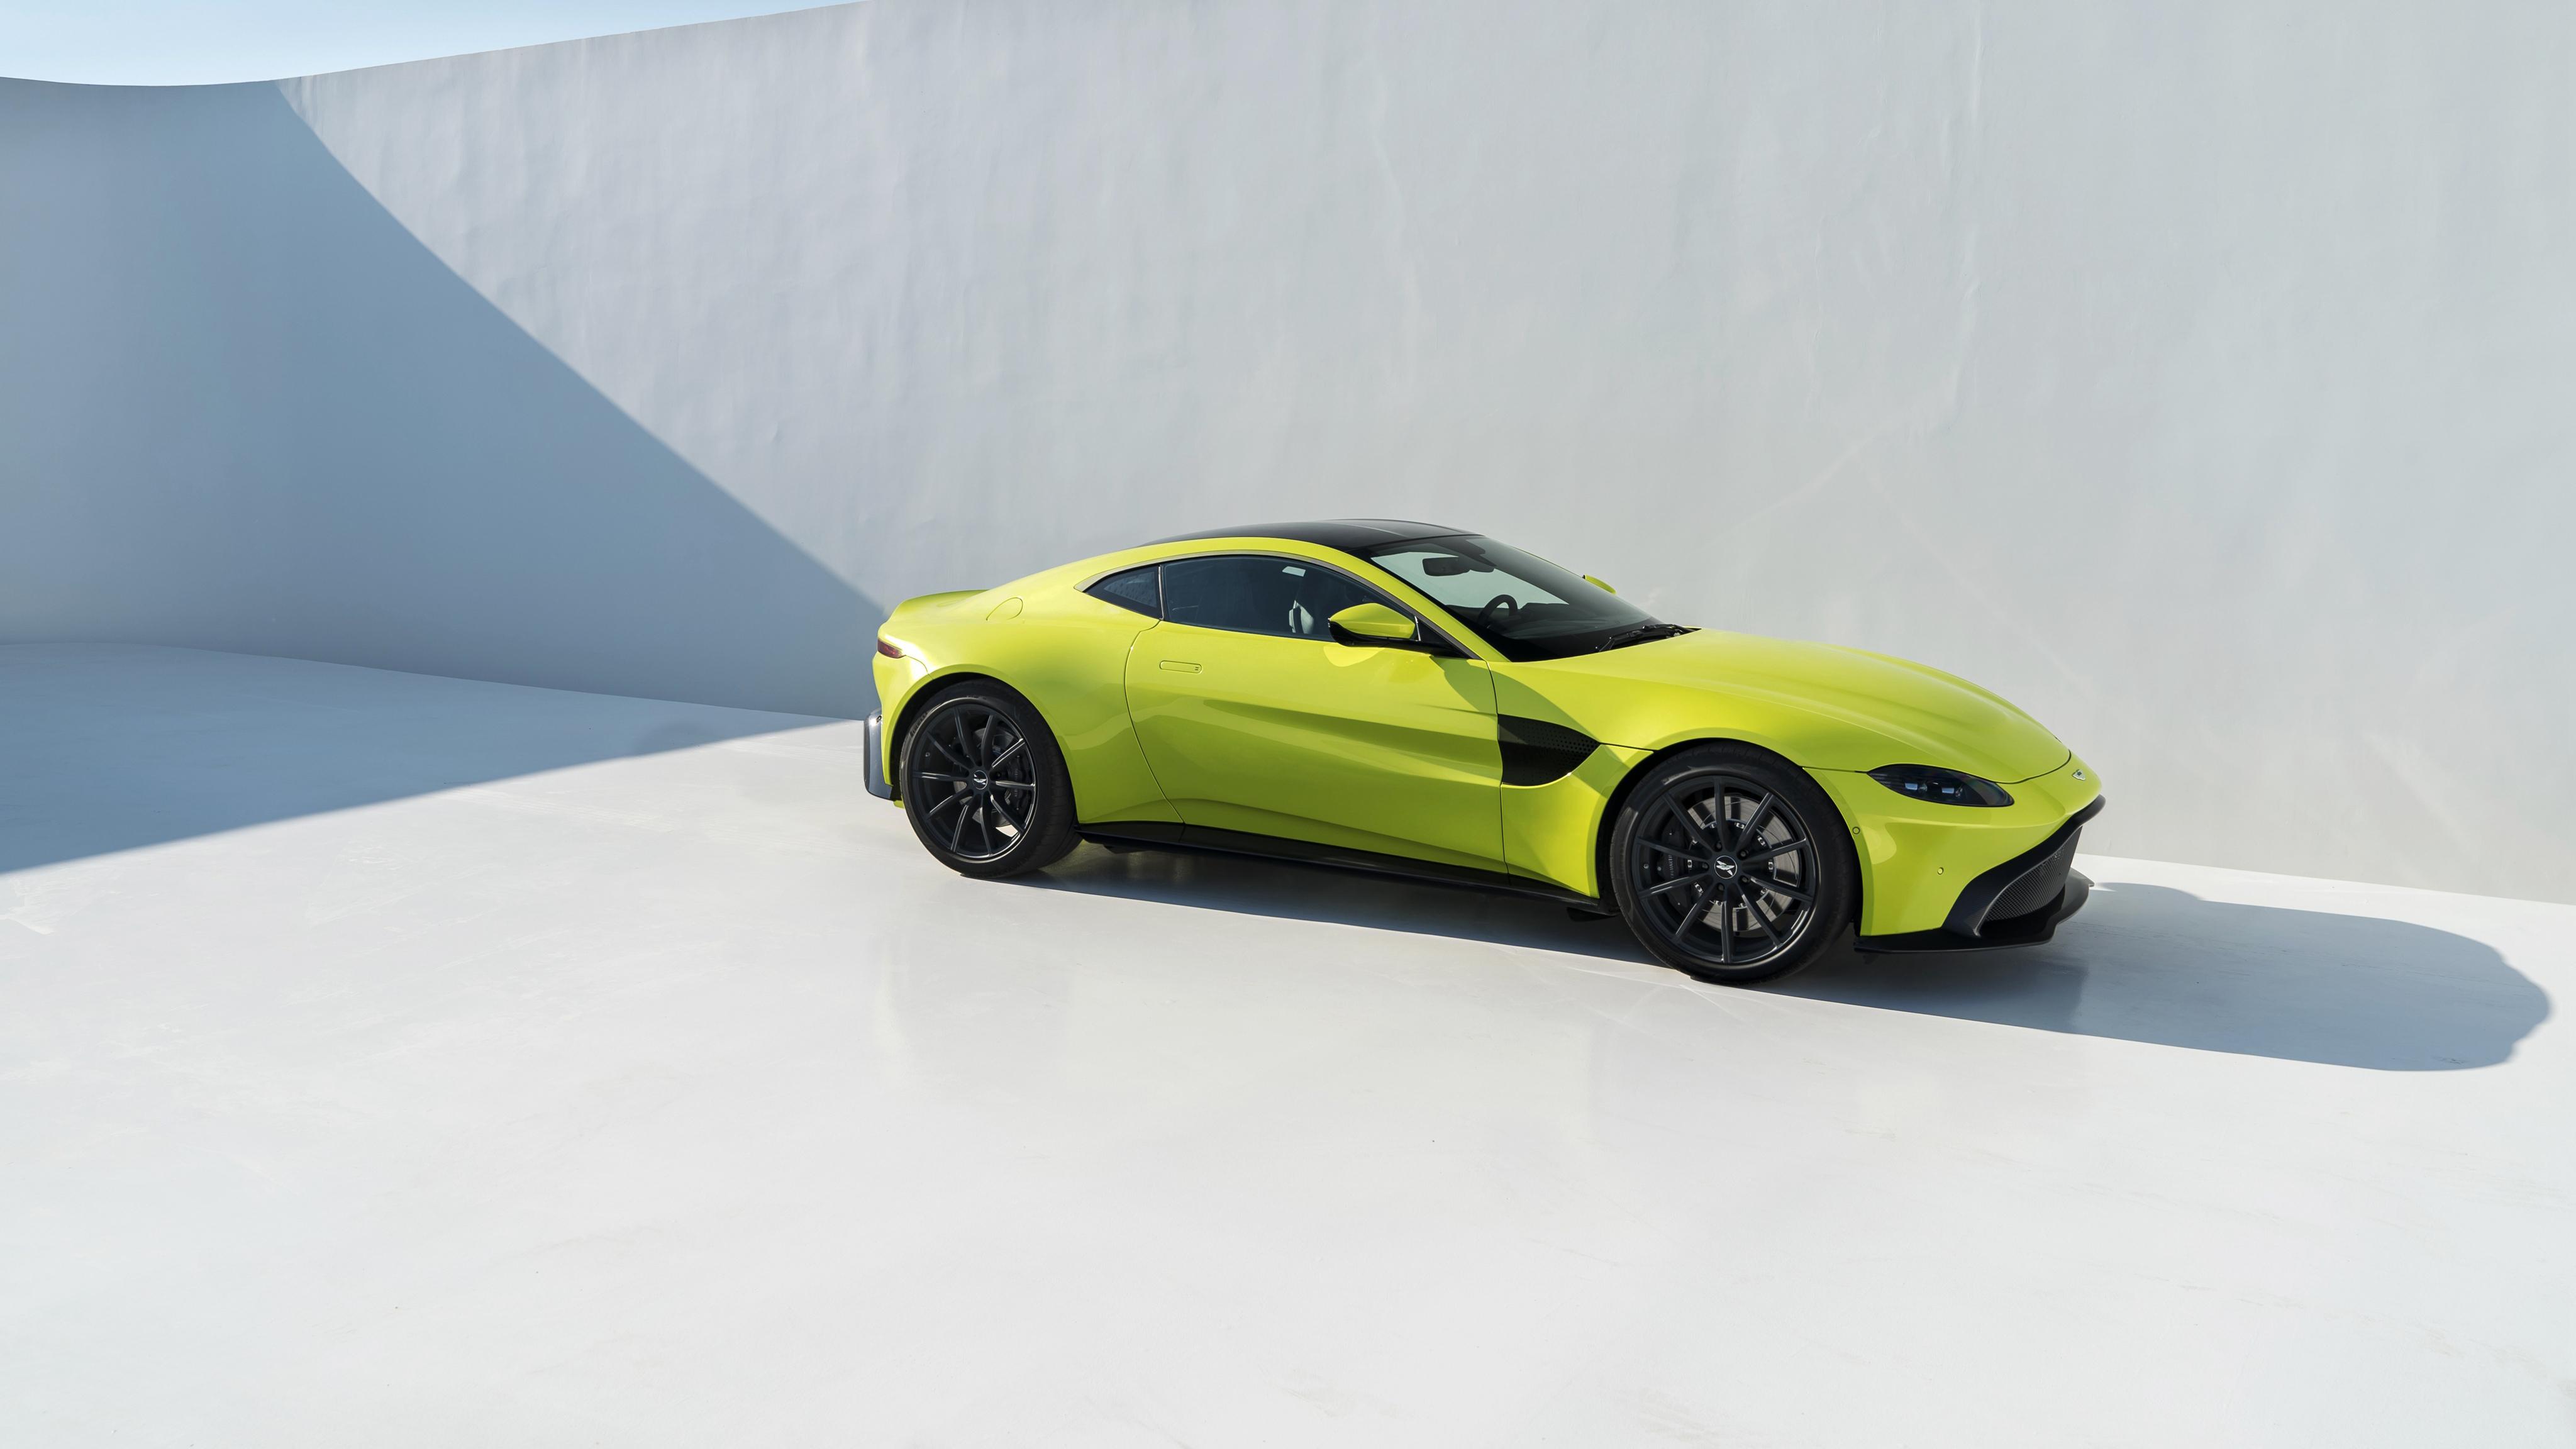 2018 Aston Martin Vantage 4K 5 Wallpaper HD Car Wallpapers ID 4096x2304